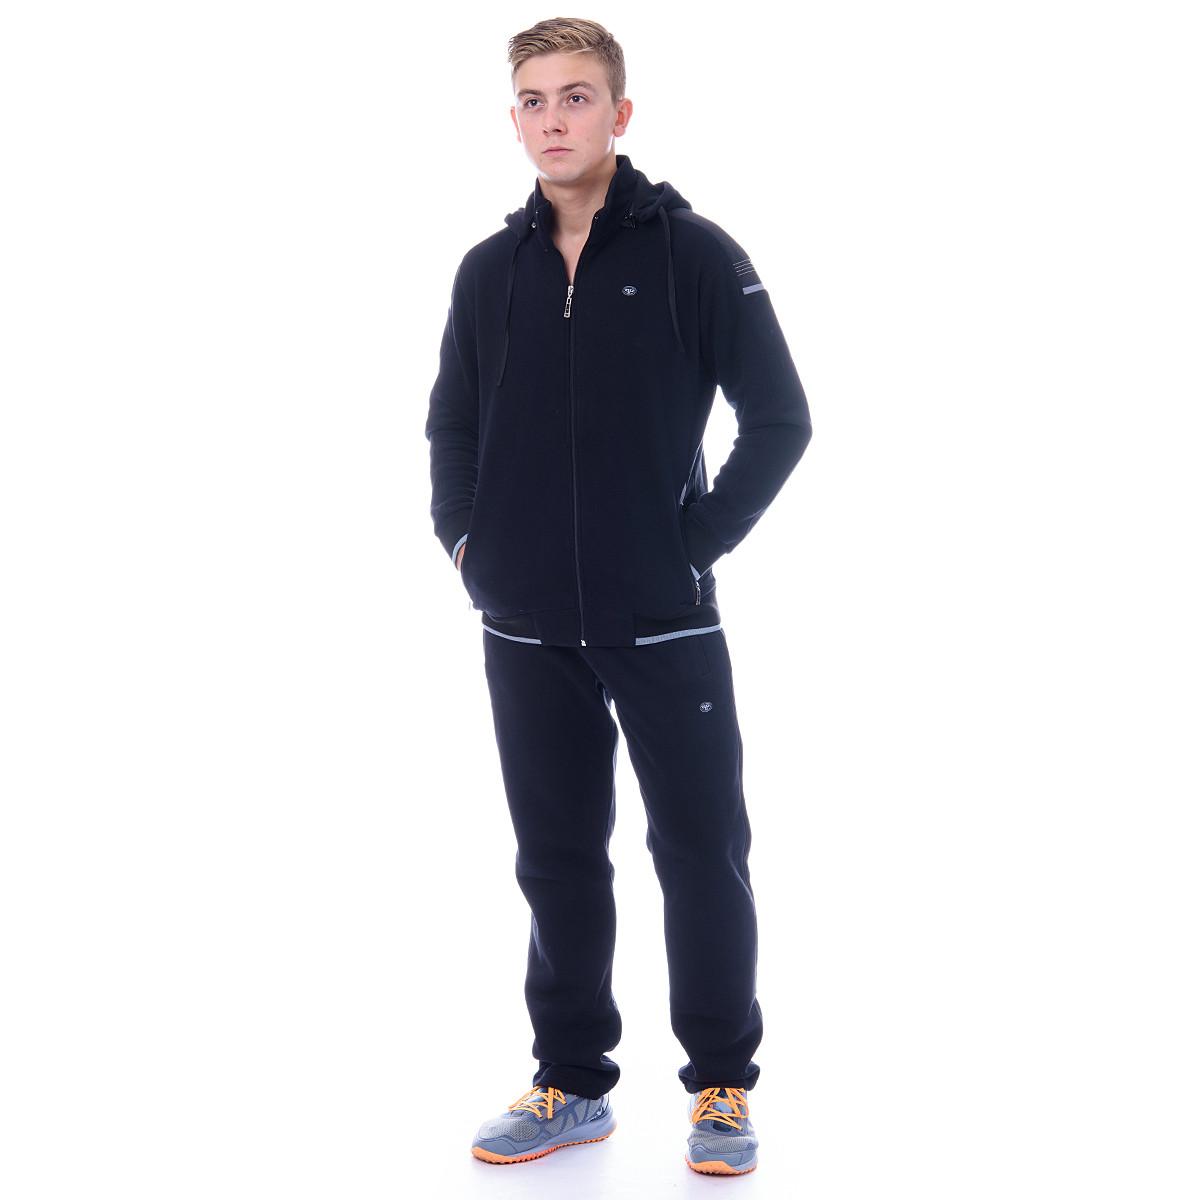 Мужской спортивный костюм на байке с капюшоном пр-во Турция Piyera 5022